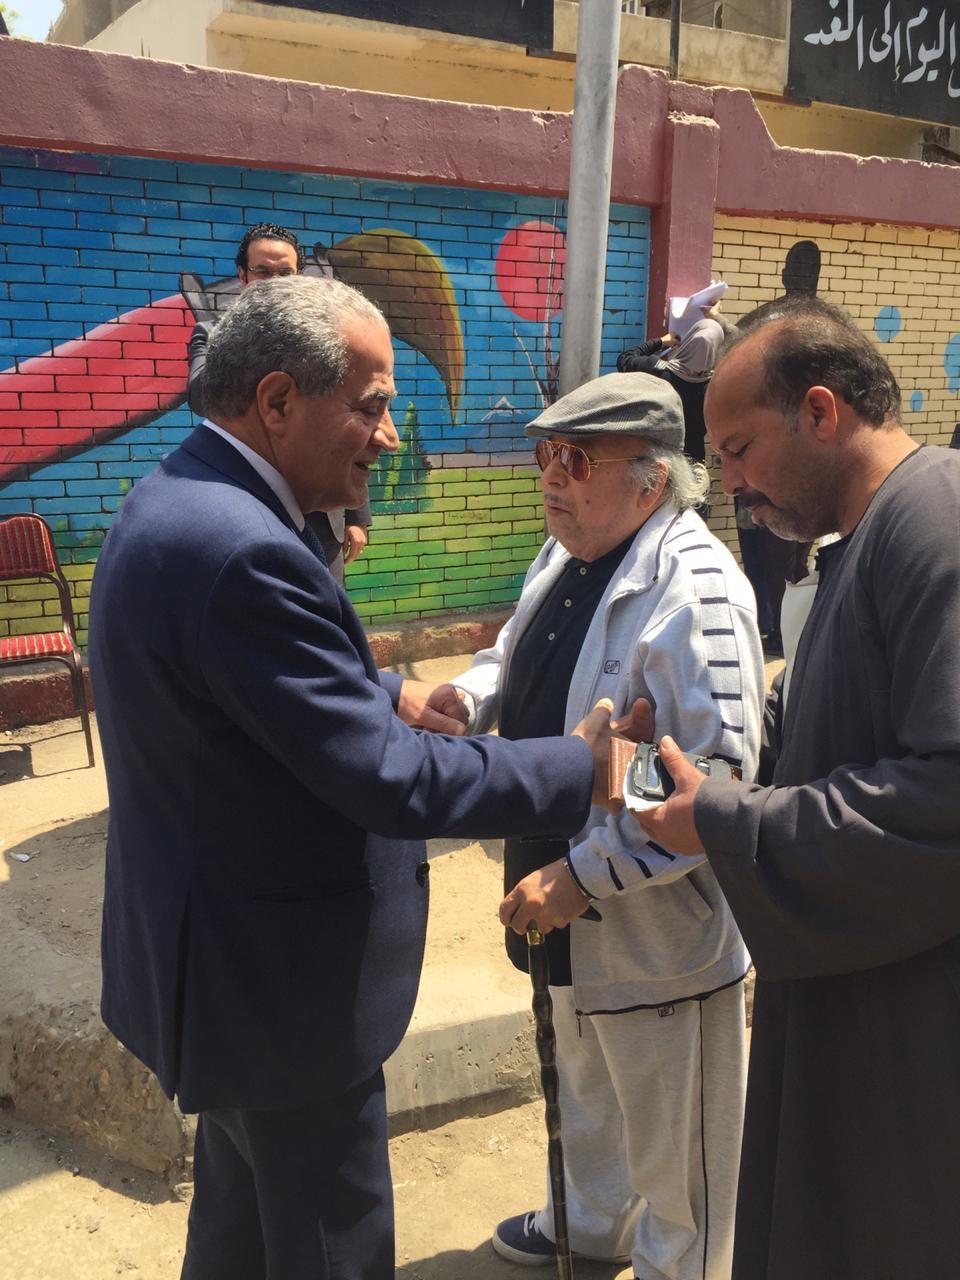 وزير التموين يصافح   المواطنين  عقب الإدلاء بصوته فى الاستفتاء  (2)